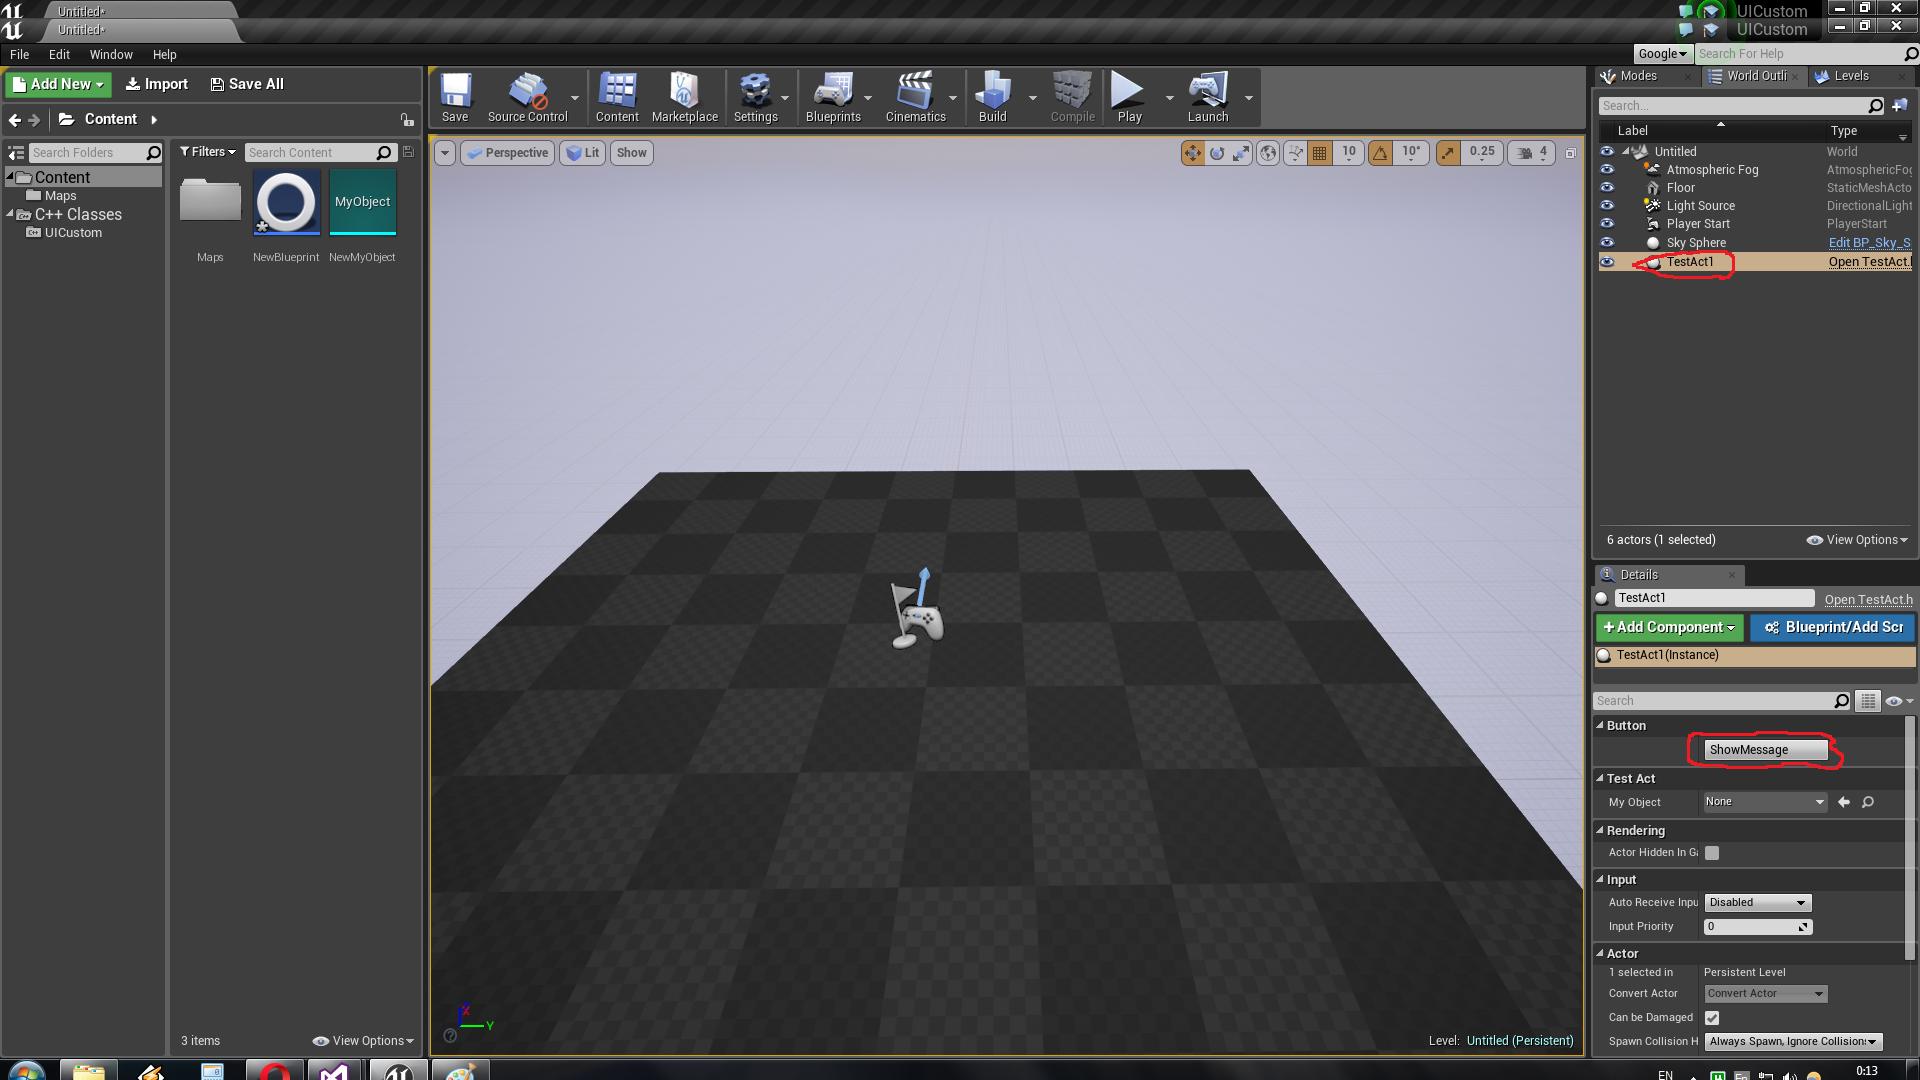 Создание своего типа ассета в Unreal Engine 4 и кастомизация панели свойств - 4